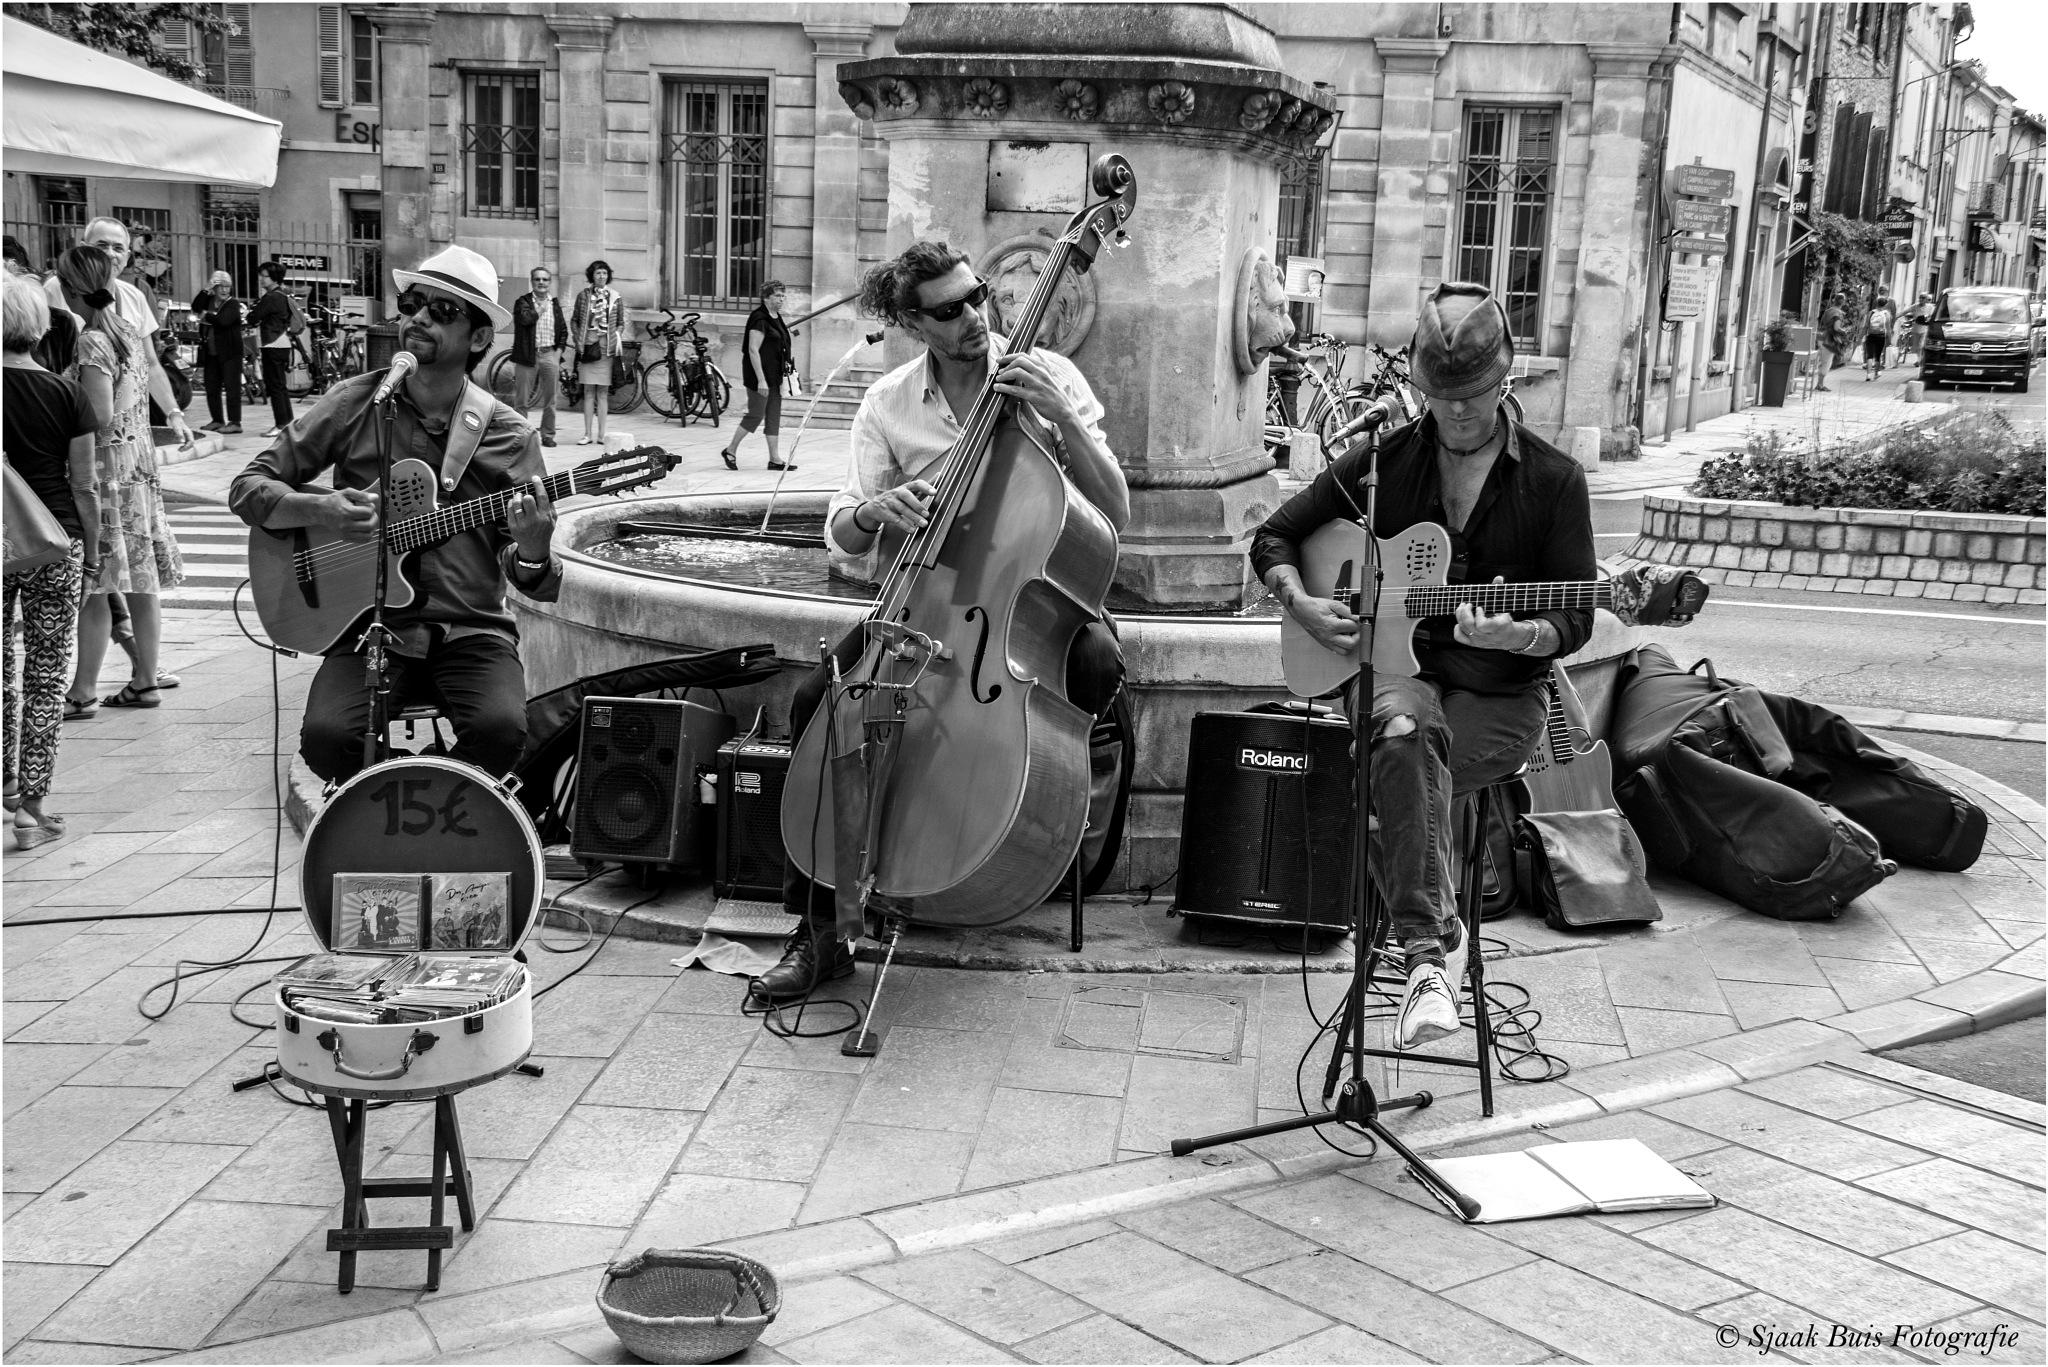 Street Music by Sjaak Buis